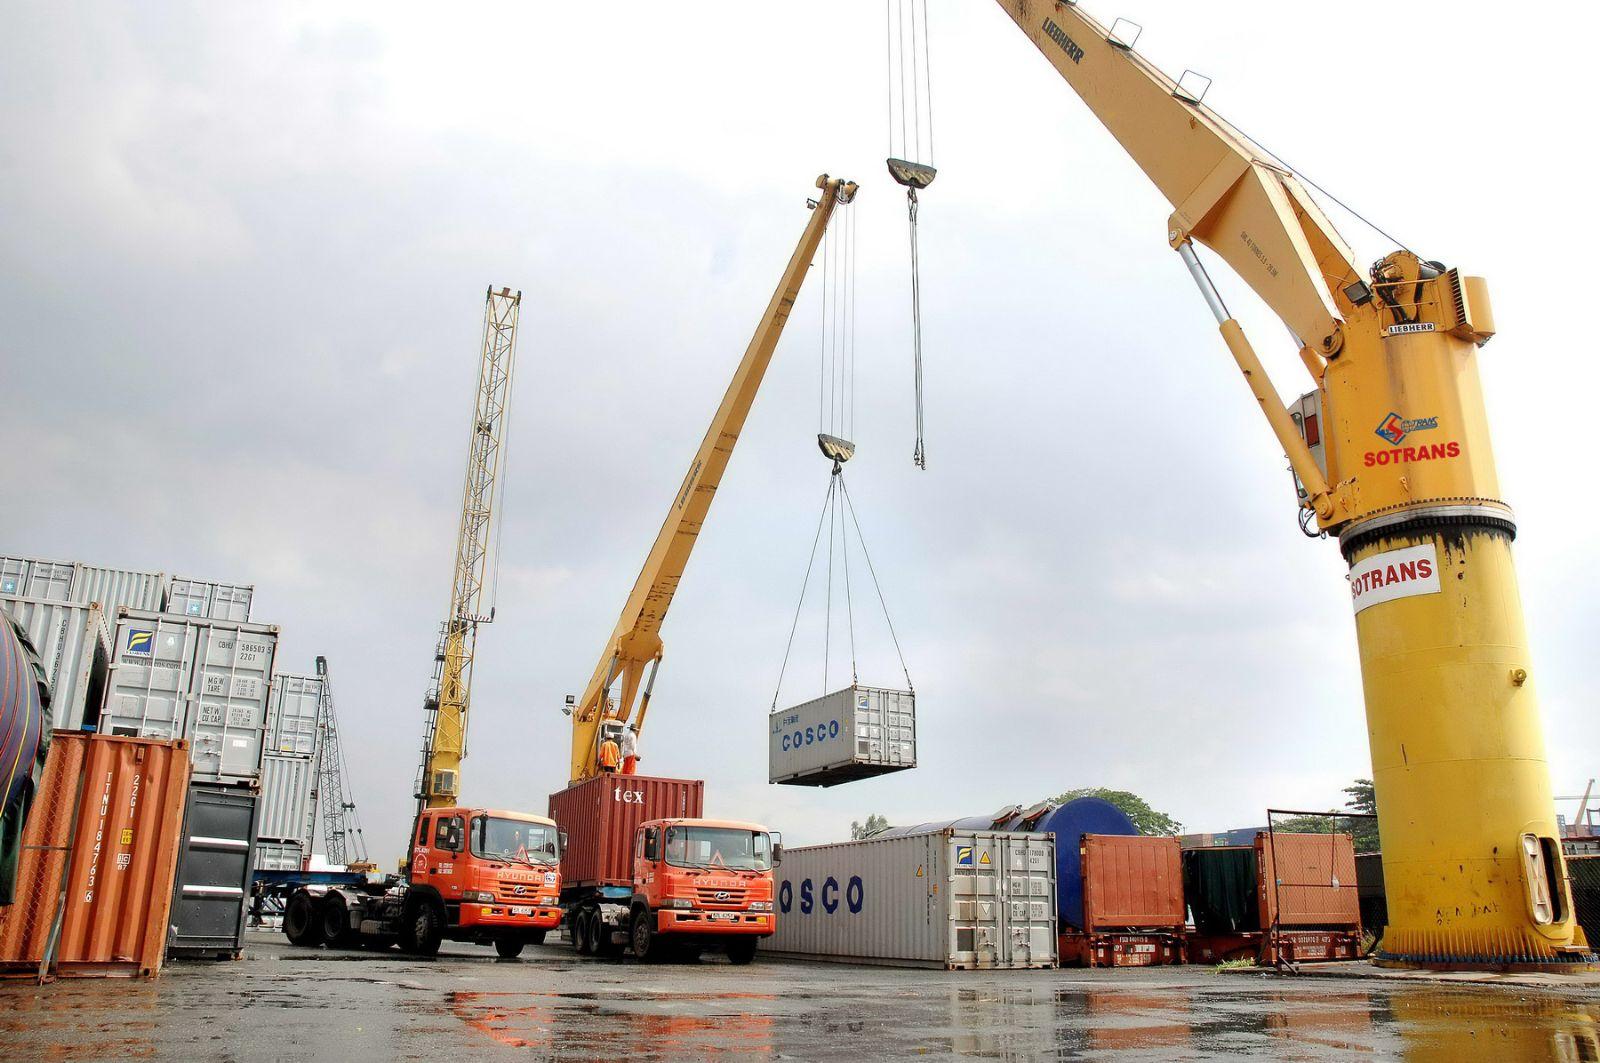 khai báo hải quan là nghiệp vụ không thể thiếu trong xuất nhập khẩu